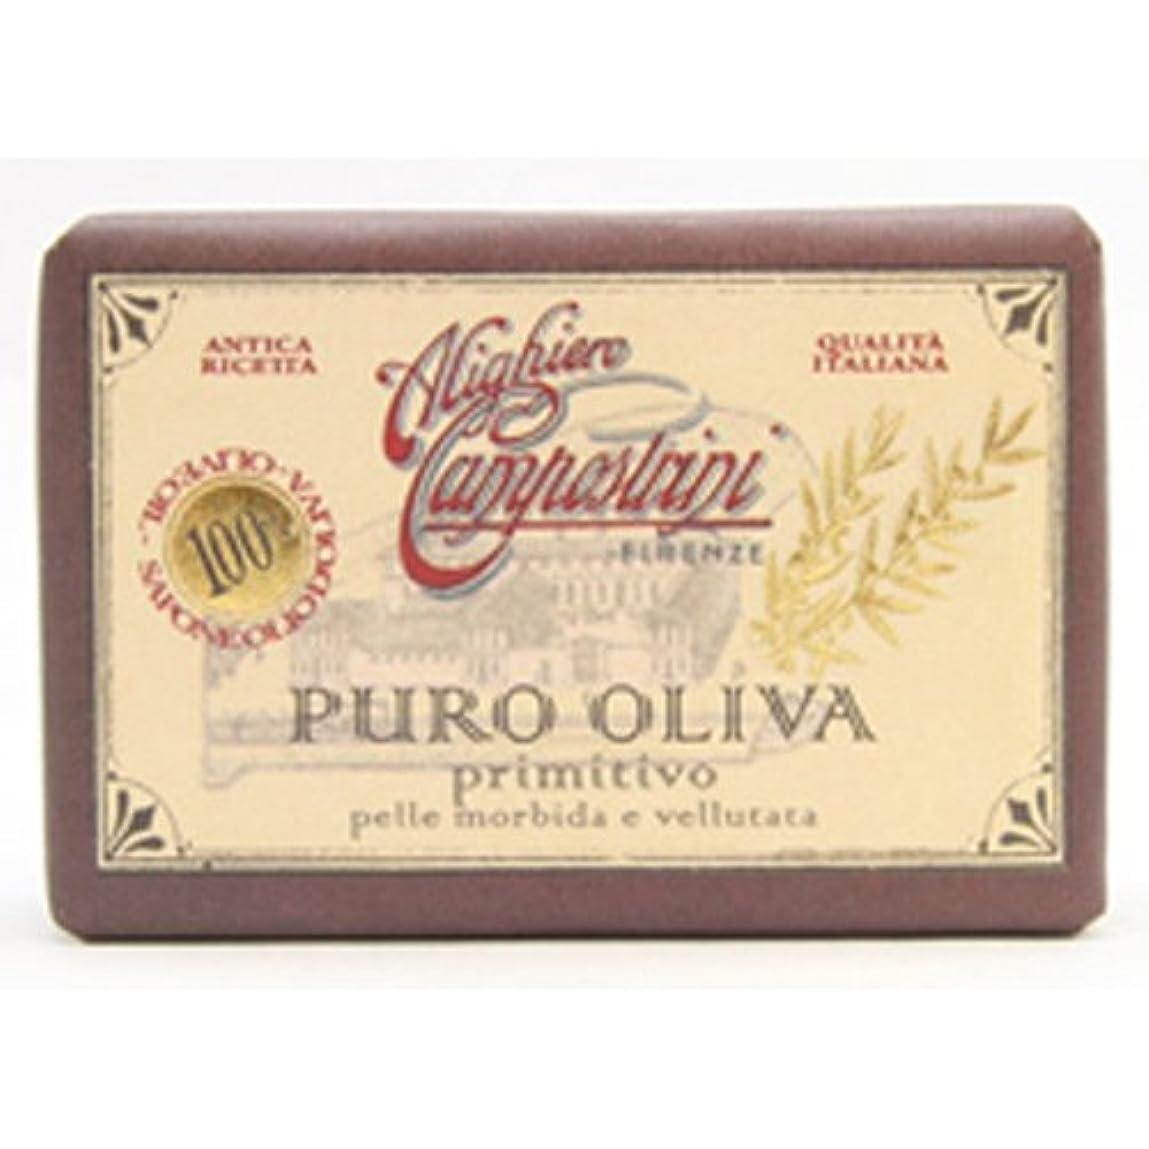 不完全迅速ストッキングSaponerire Fissi サポネリーフィッシー PURO OLIVA Soap オリーブオイル ピュロ ソープ primitivo オリジナル 150g